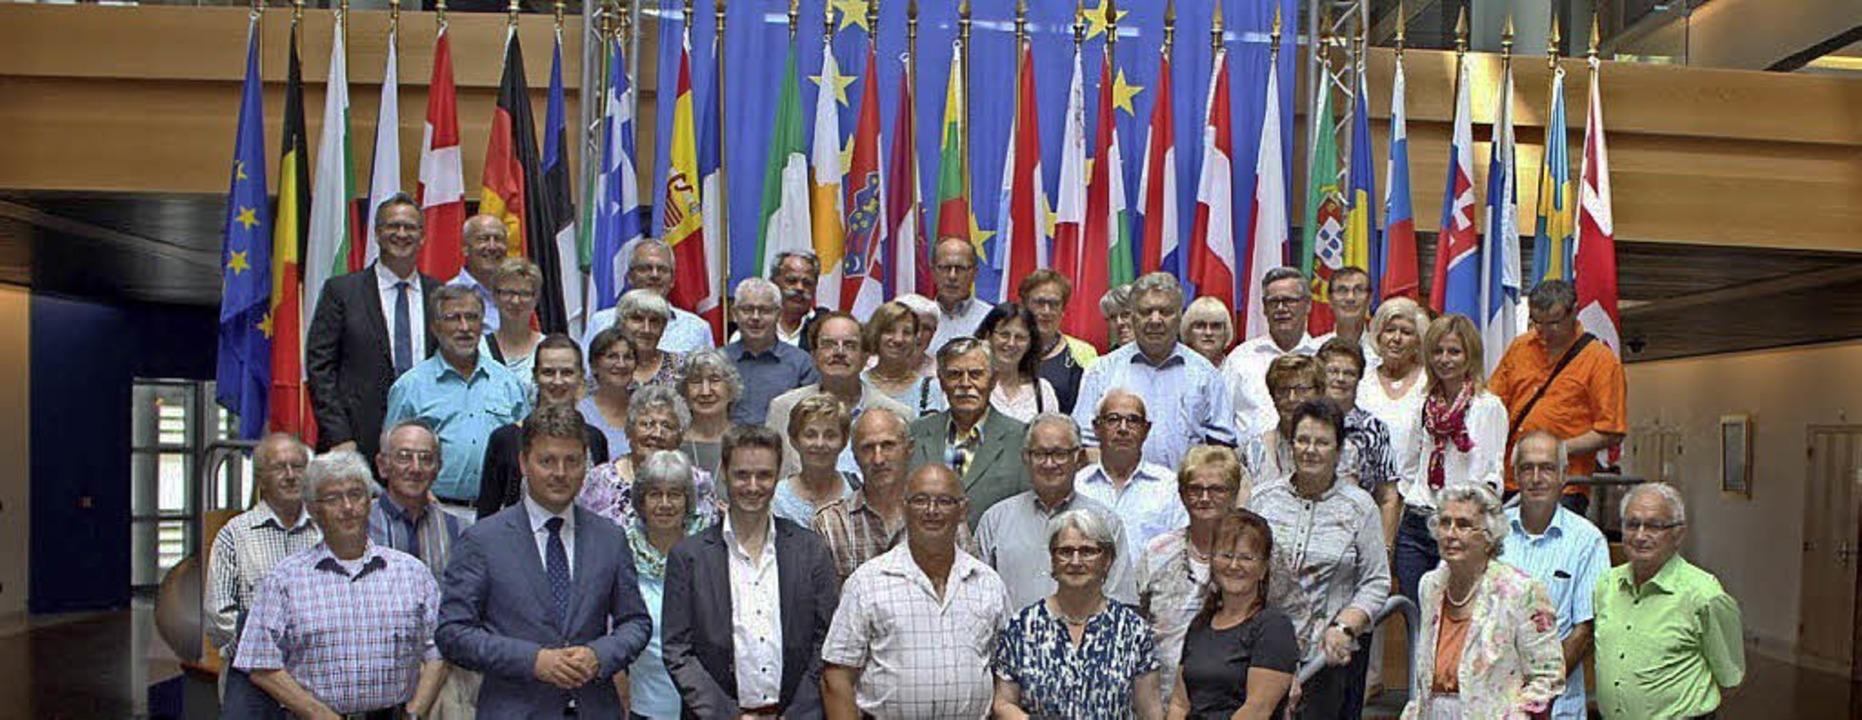 Europäer asus dem Elztal: Die Elzacher...läum im Europaparlament in Straßburg.     Foto: Privat